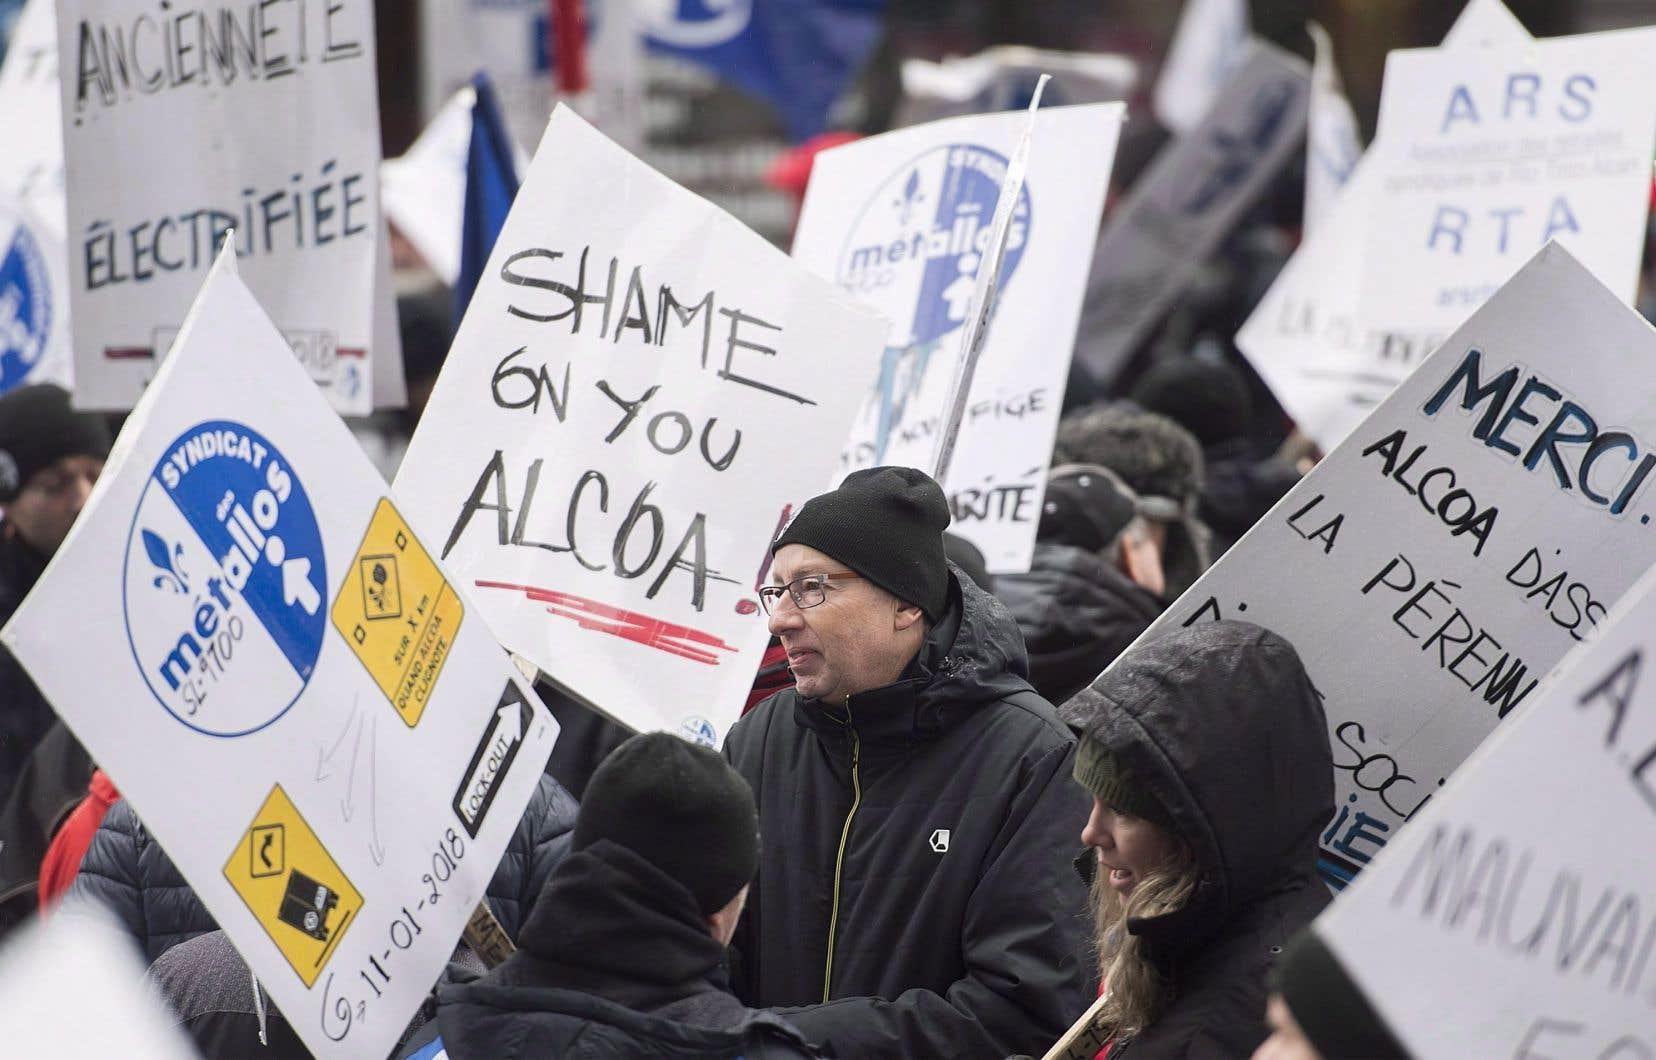 Manifestation des employés d'ABI en lockout, en novembre 2018